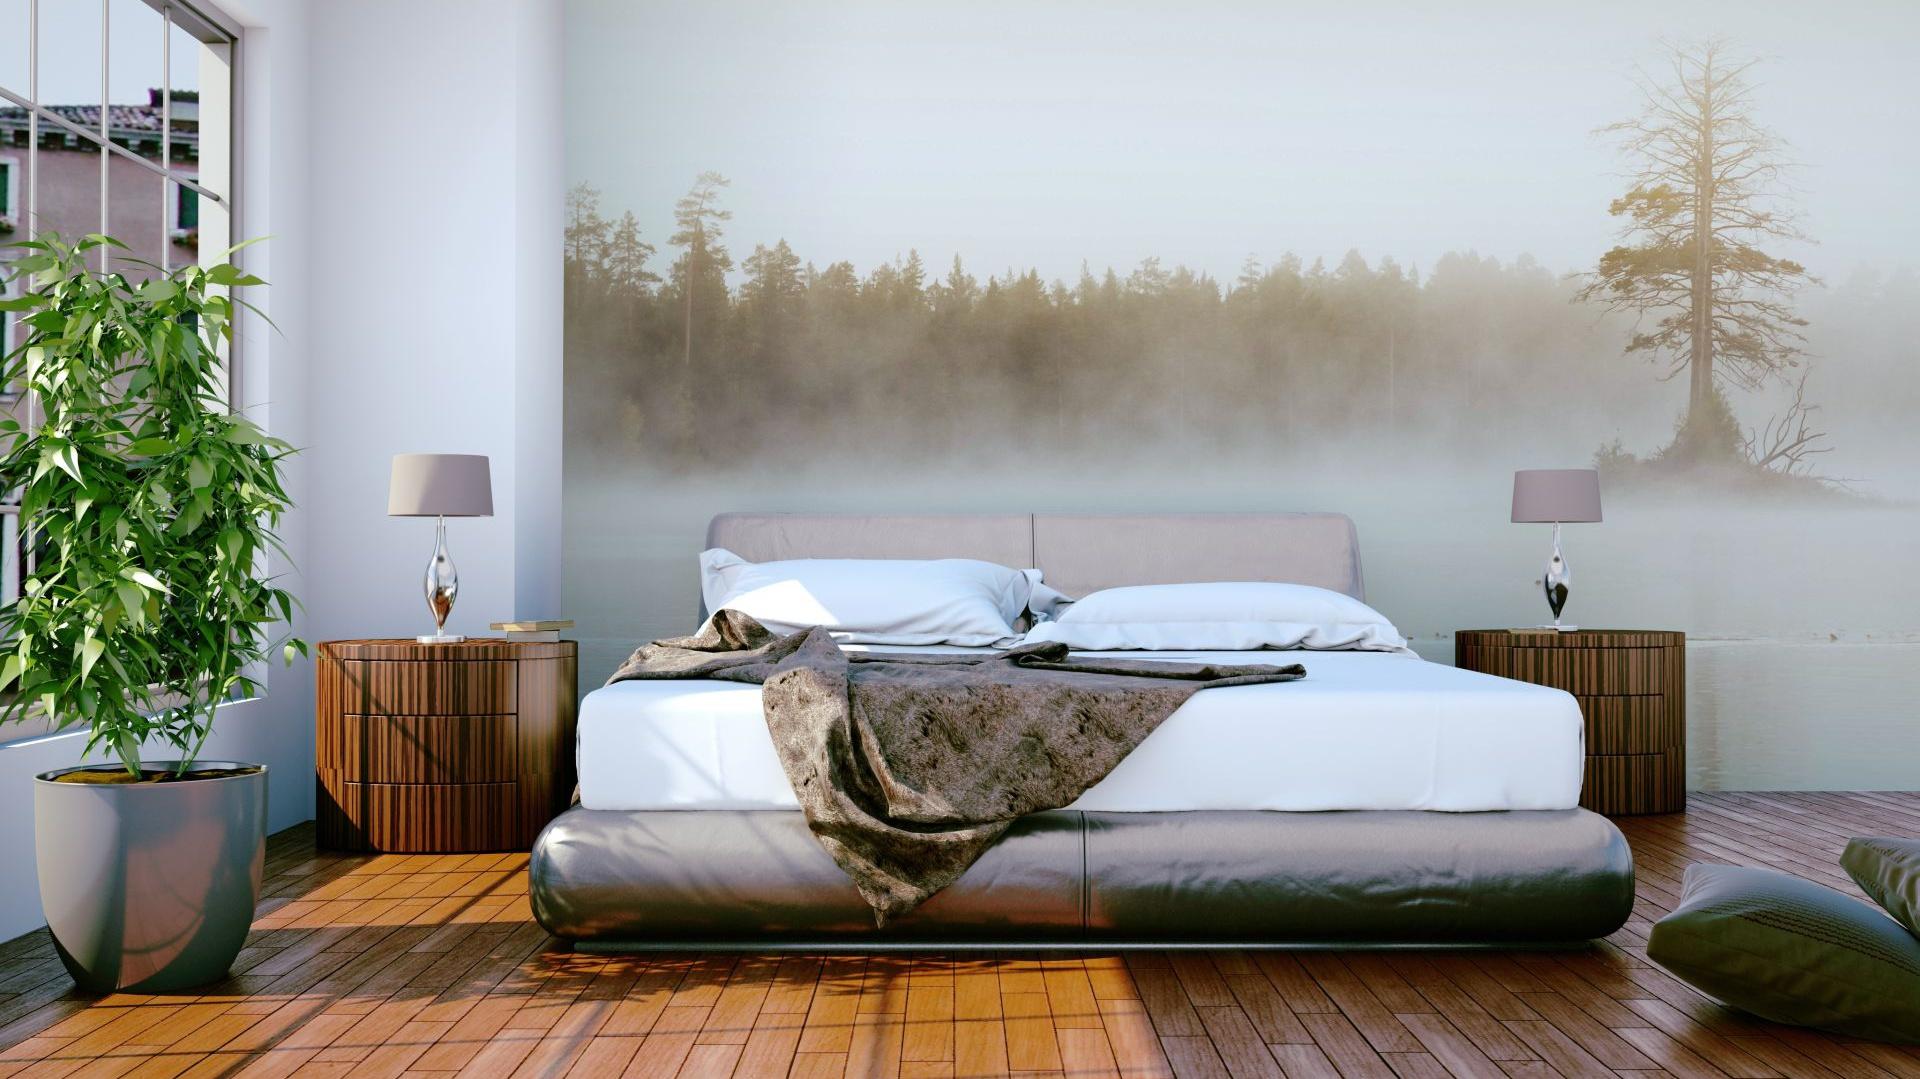 fototapeta z motywem pi kna sypialnia modne pomys y na cian za kiem strona 3. Black Bedroom Furniture Sets. Home Design Ideas